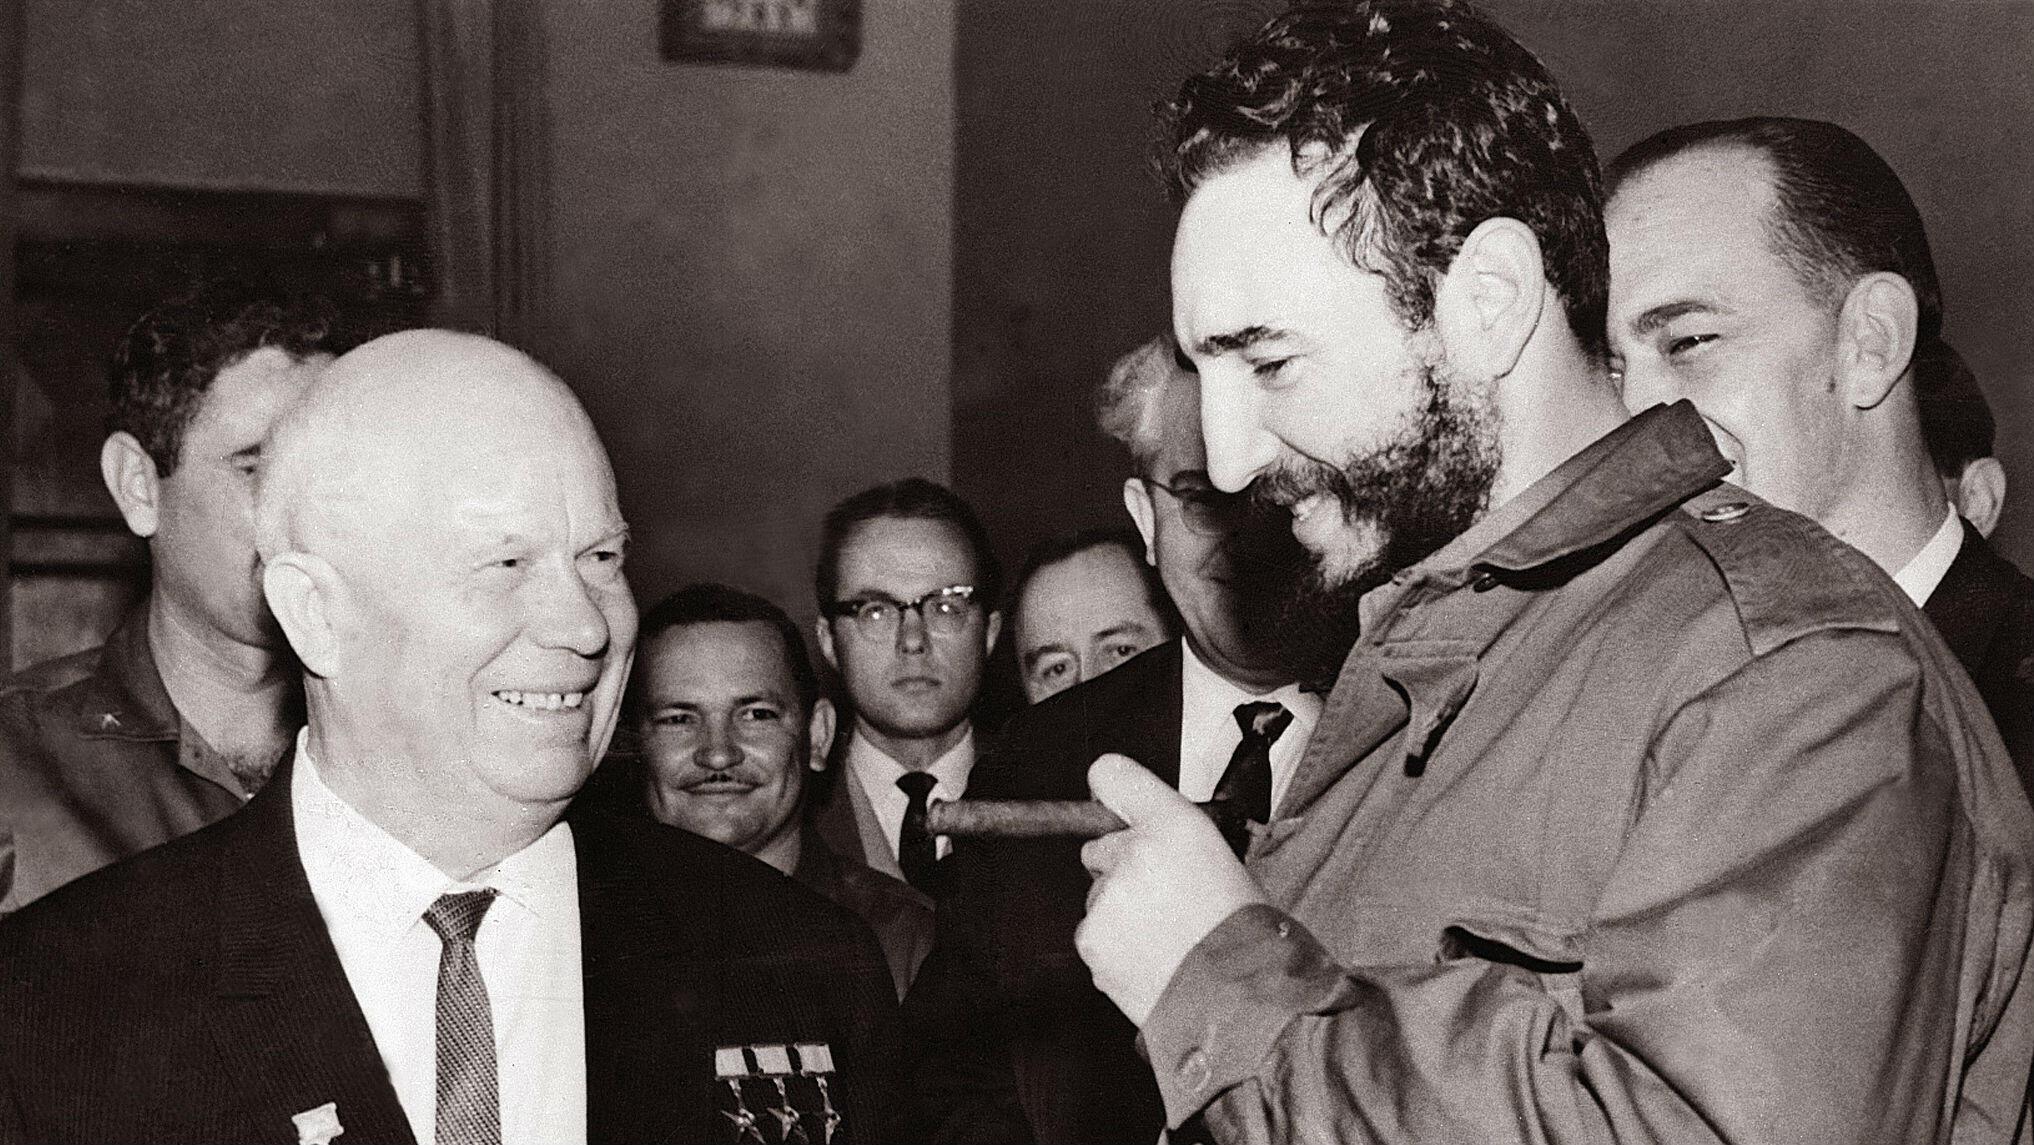 El líder cubano, Fidel Castro (izquierda), se muestra en una foto de archivo de mayo de 1963, reuniéndose con su homólogo soviético Nikita Khrushchev durante una visita a Moscú